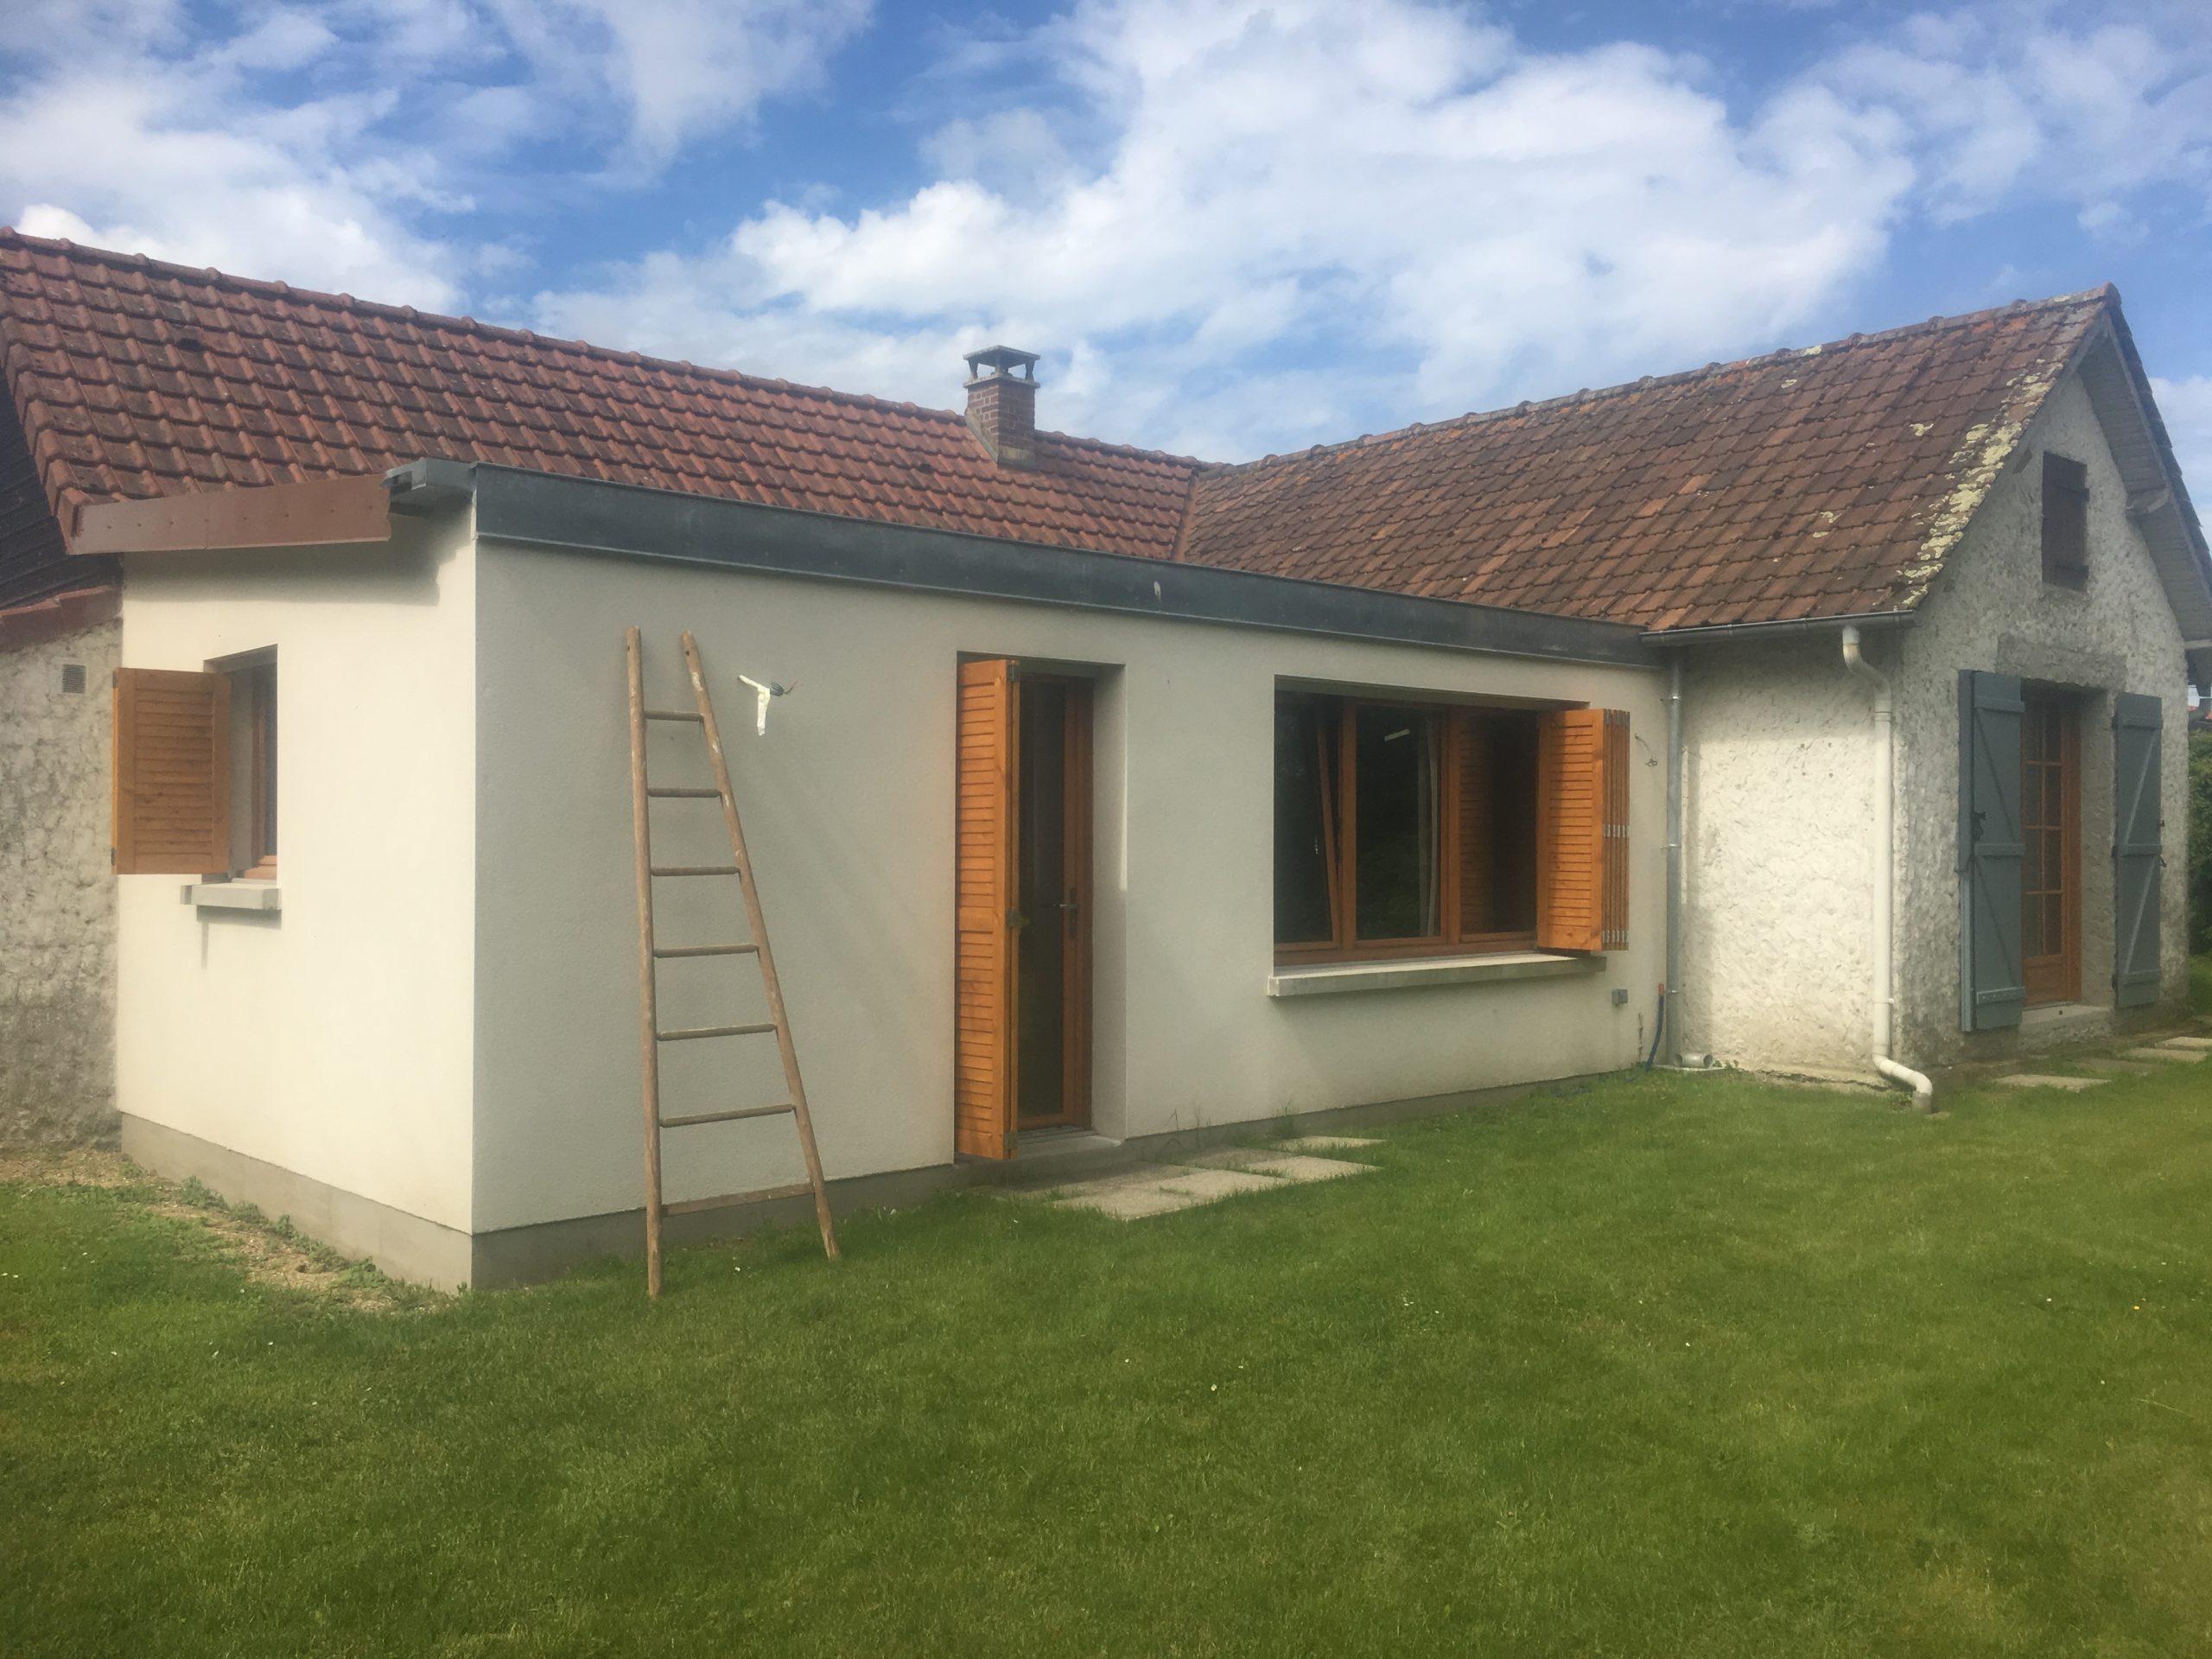 Extension en maçonnerie, avec menuiseries extérieures en bois et volets bois coulissants - RUE - 80